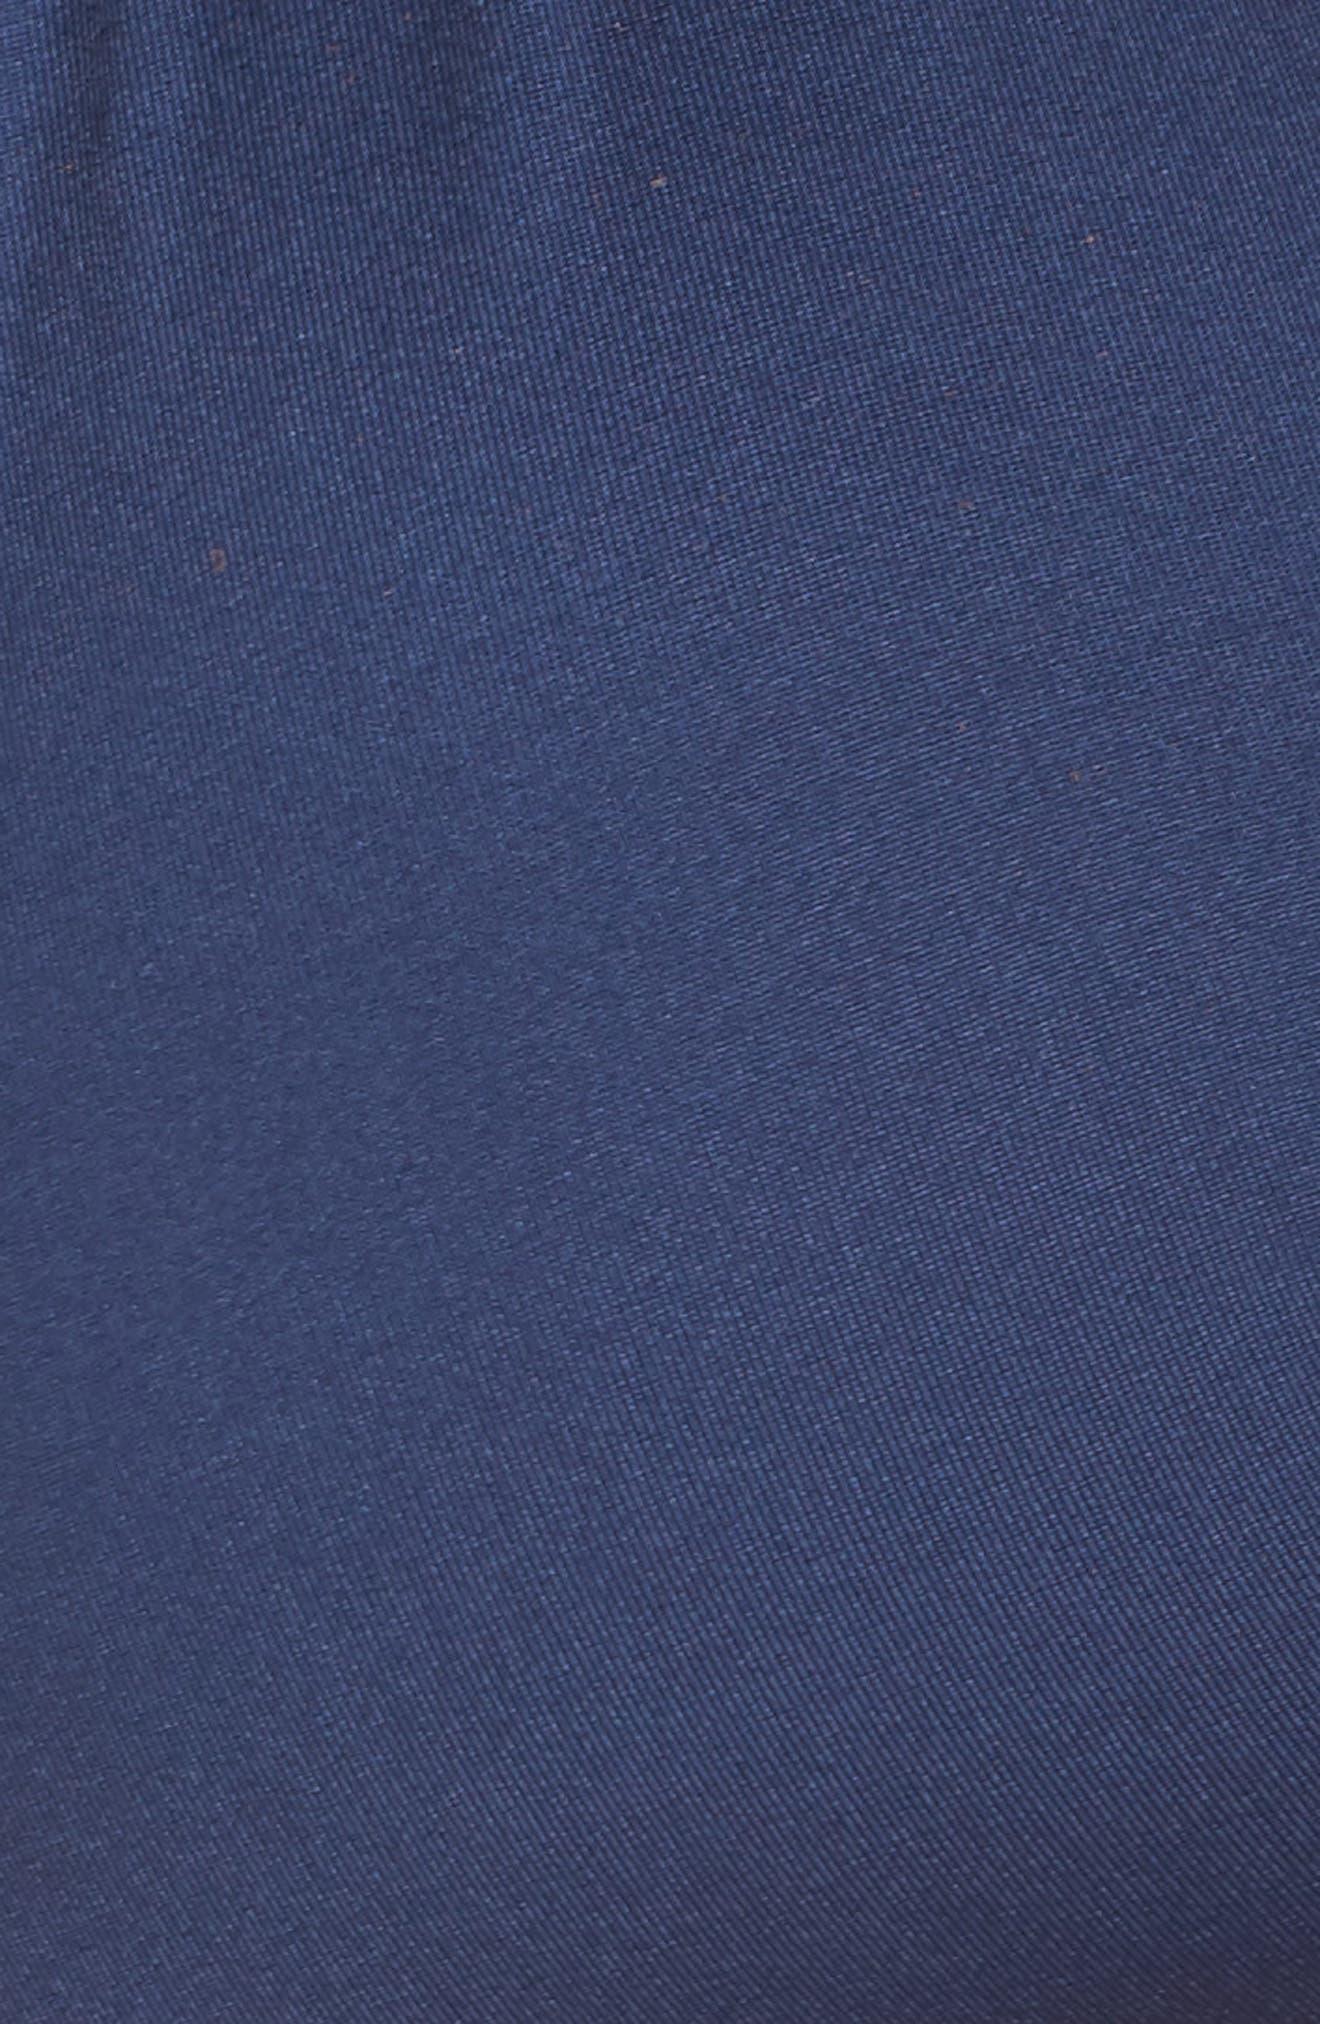 Kupala Bikini Top,                             Alternate thumbnail 5, color,                             STONE BLUE